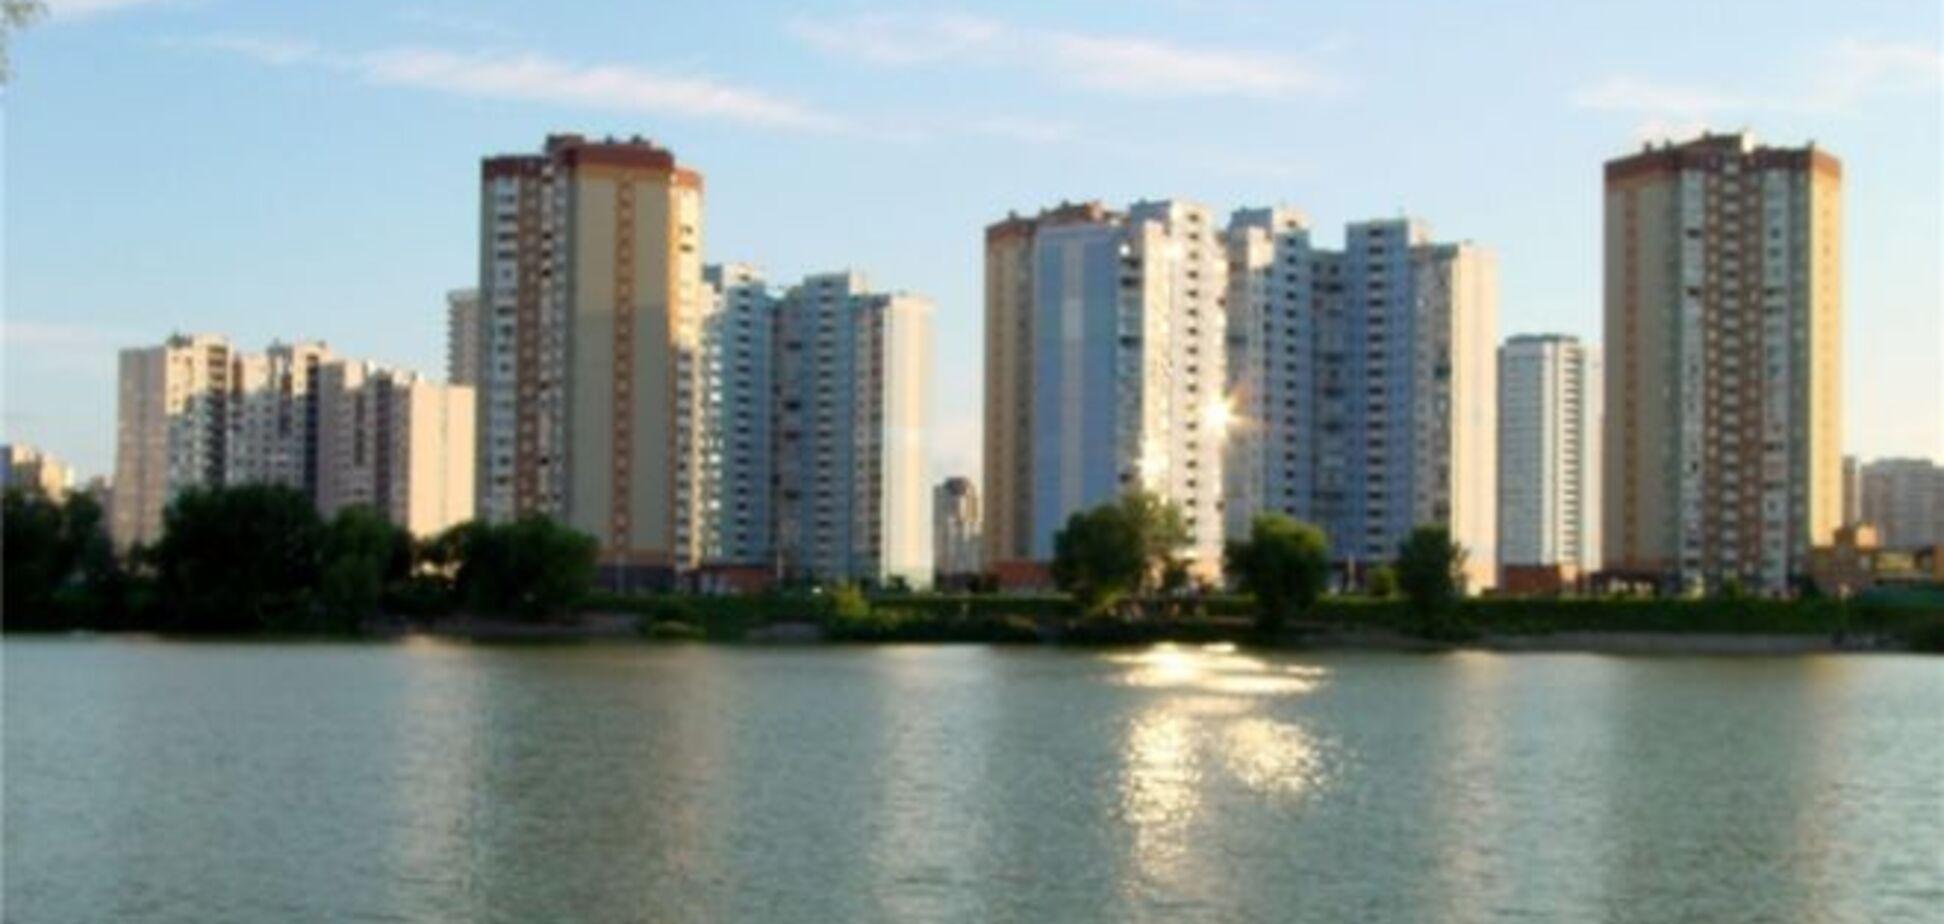 На киевском озере обнаружили труп мужчины